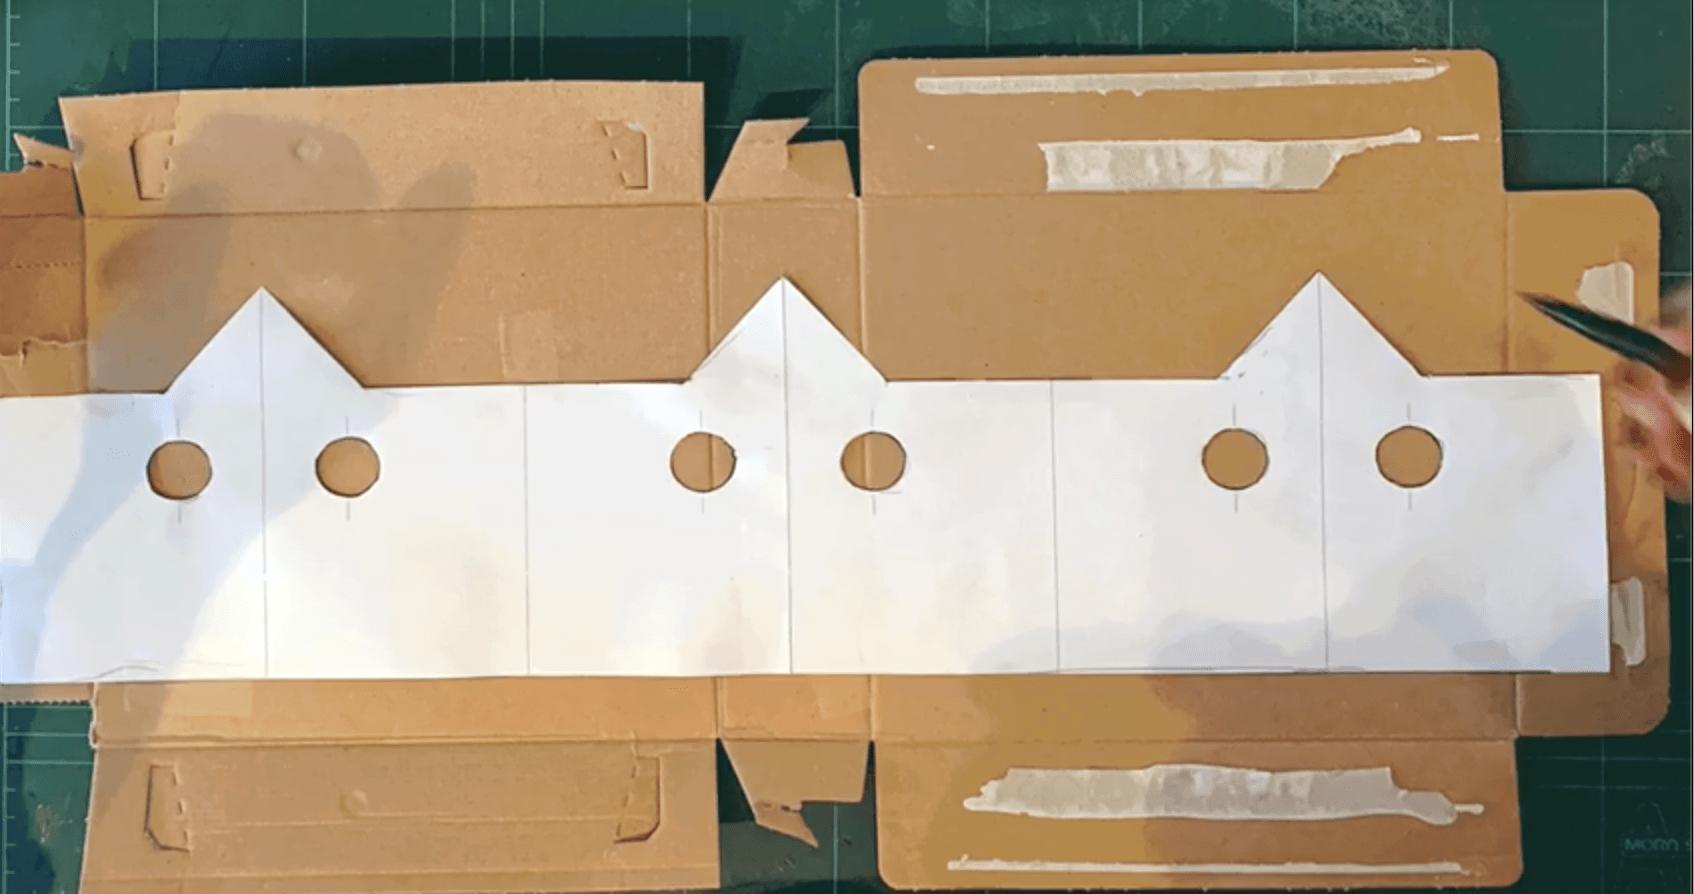 El Protector de manillas DIY que evita contagios que puedes construir gratis 69